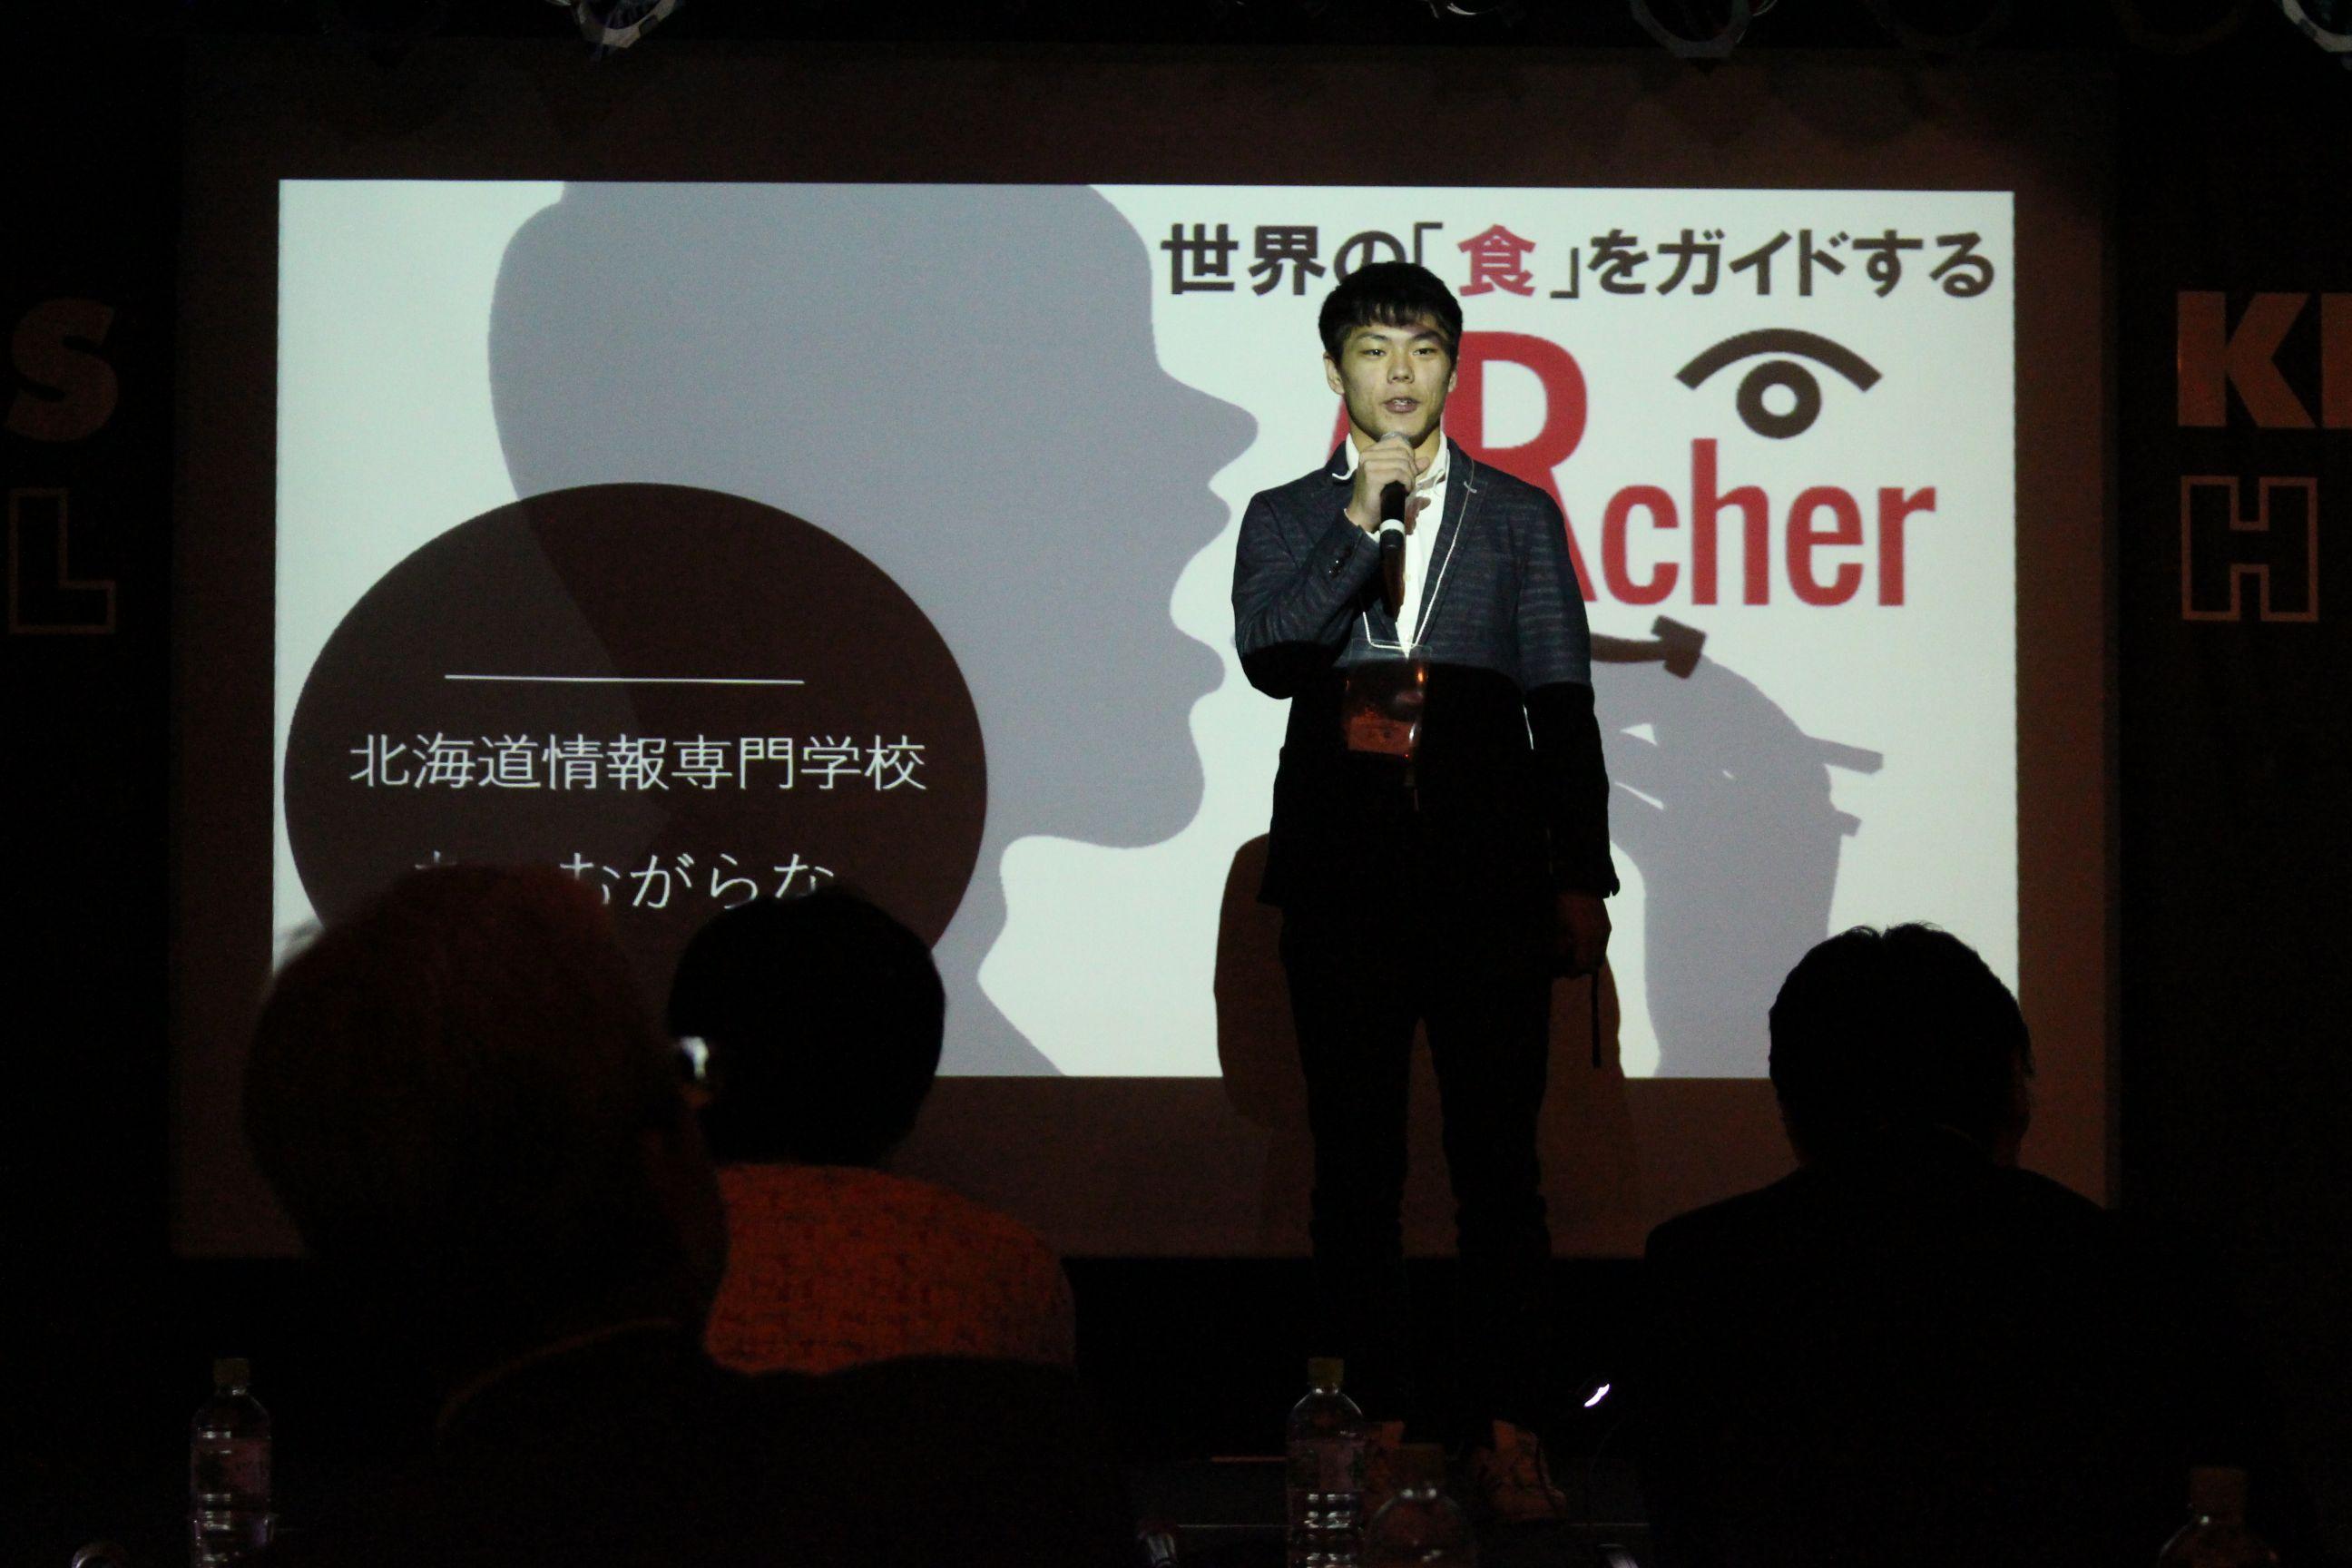 起業を視野にいれた「ちーむがらな」の『ARcher(アーチャー)』